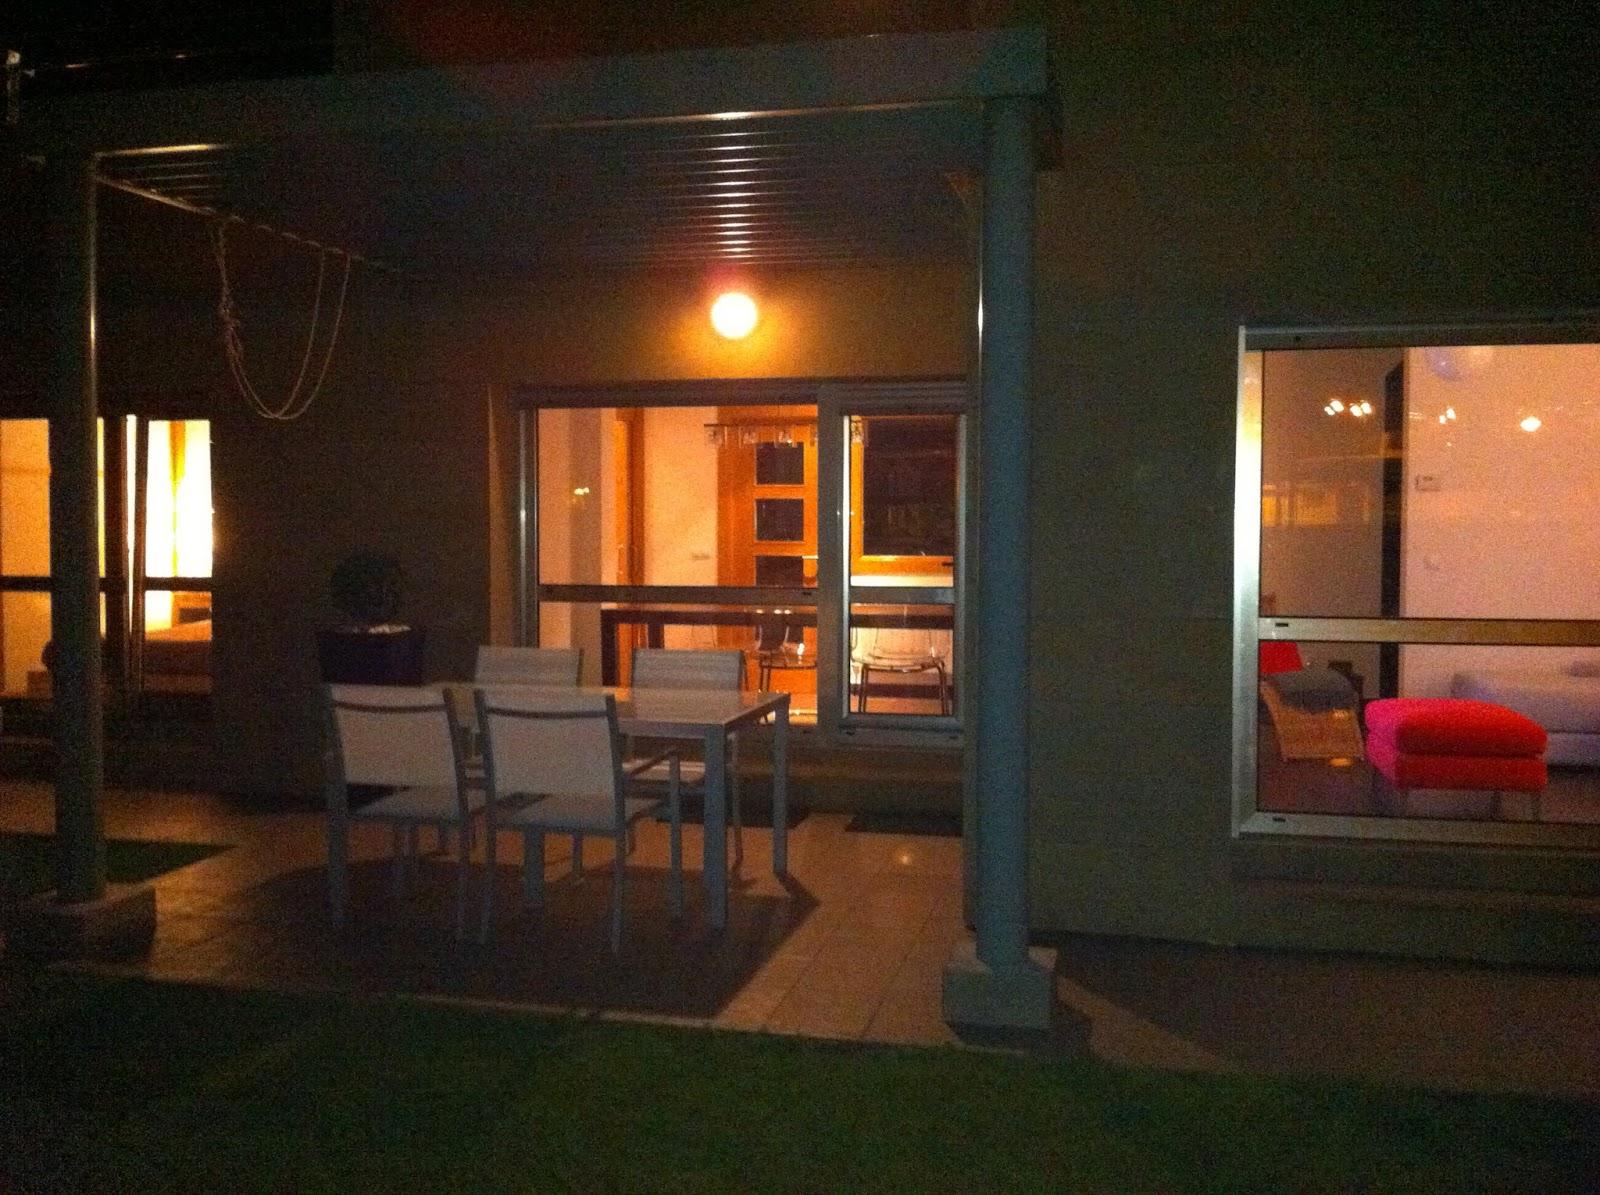 Alquiler de casa en llanes vacaciones en llanes - Alquiler de casas vacaciones ...